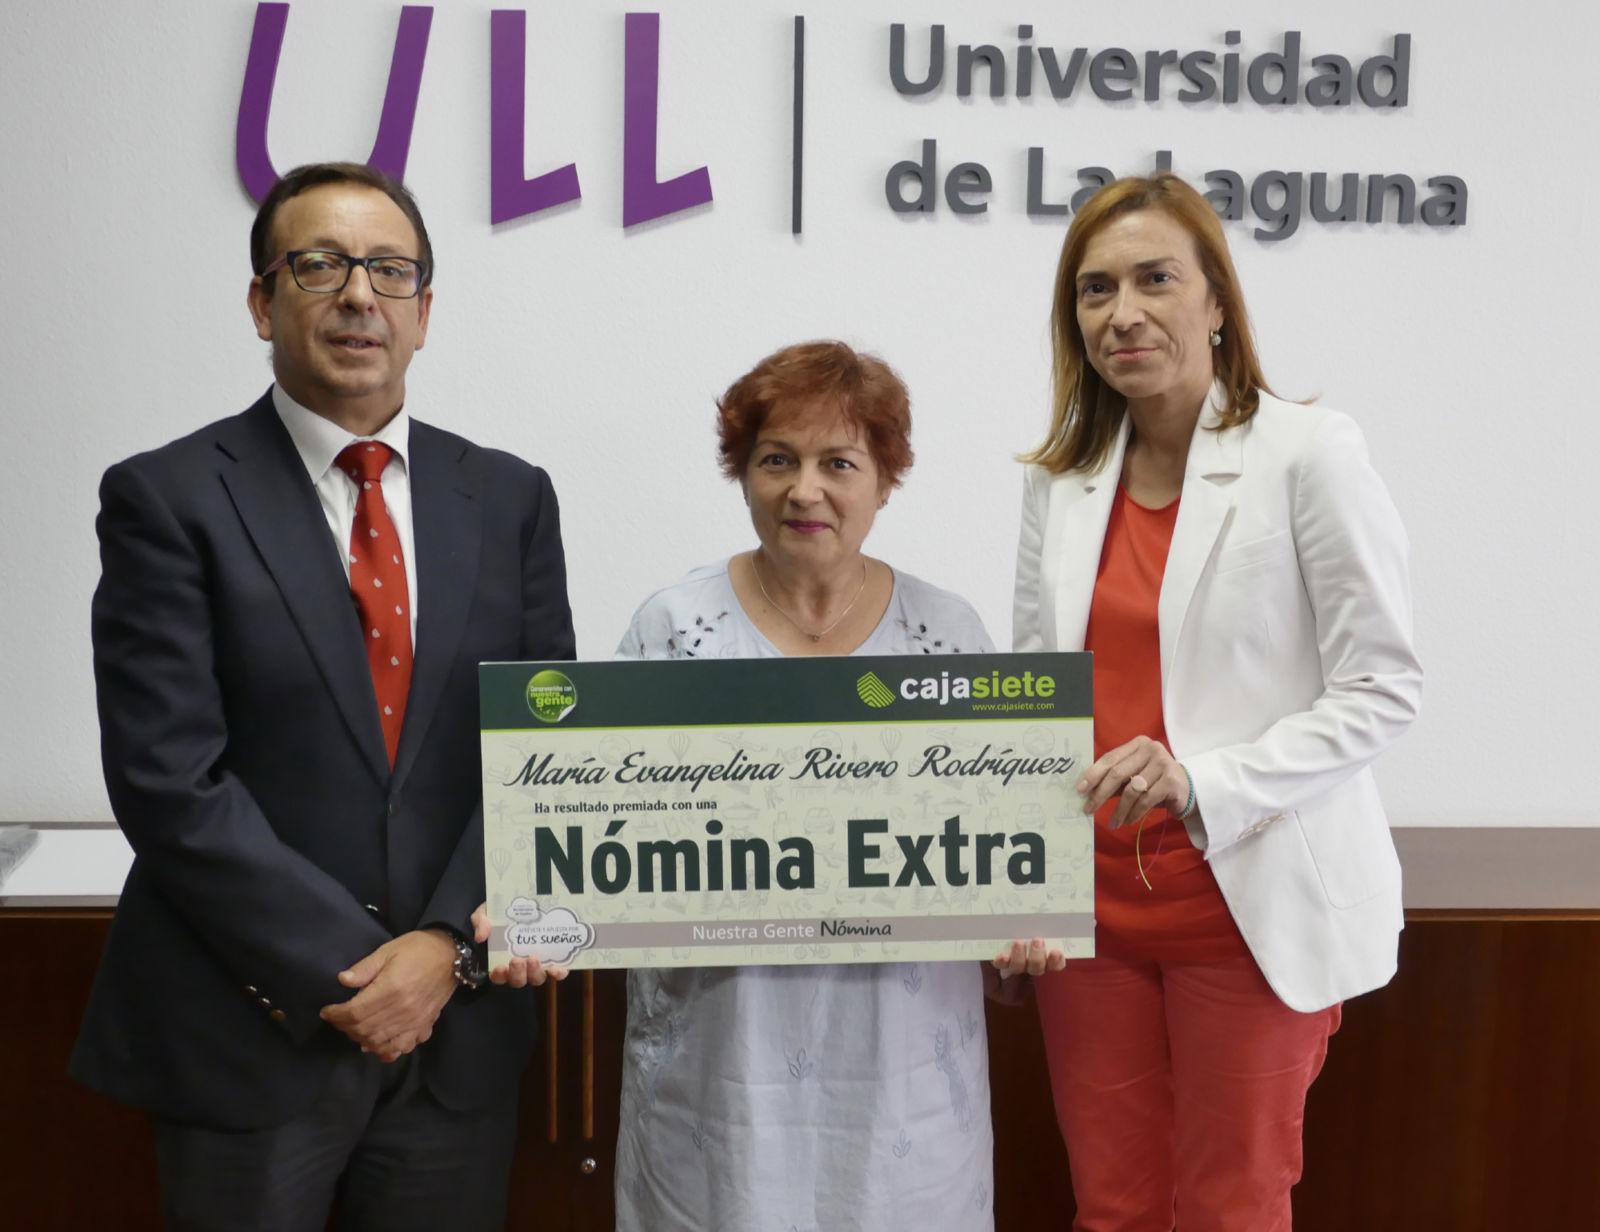 Entrega de cheque-nómina de Cajasiete a una empleada de la ULL